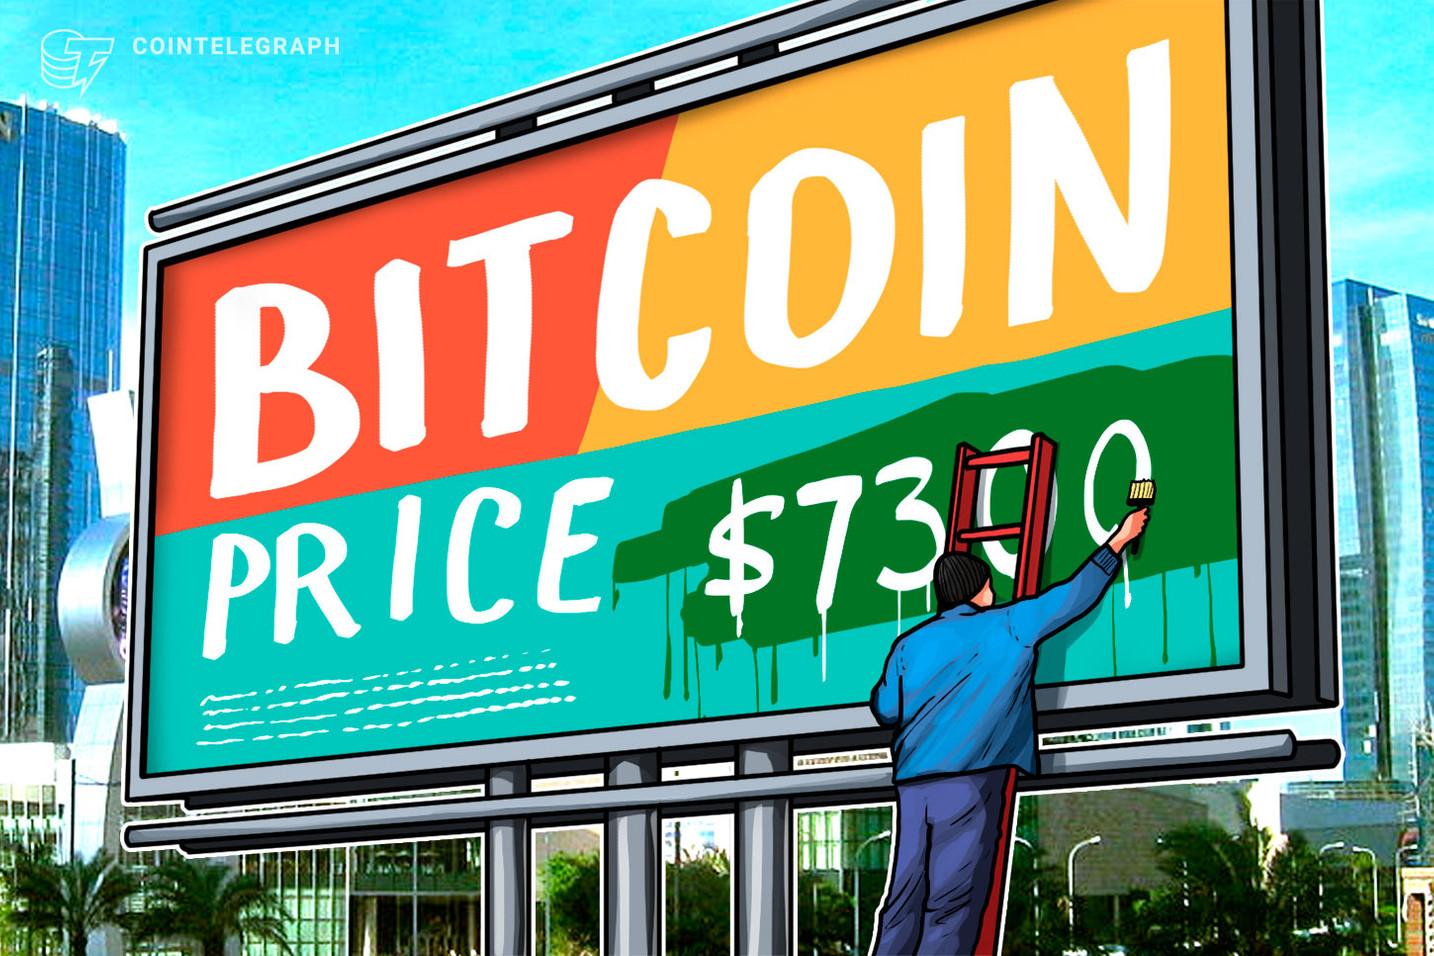 Descubre por qué el precio de Bitcoin se disparó a USD 7.3K, liquidando USD 90 millones